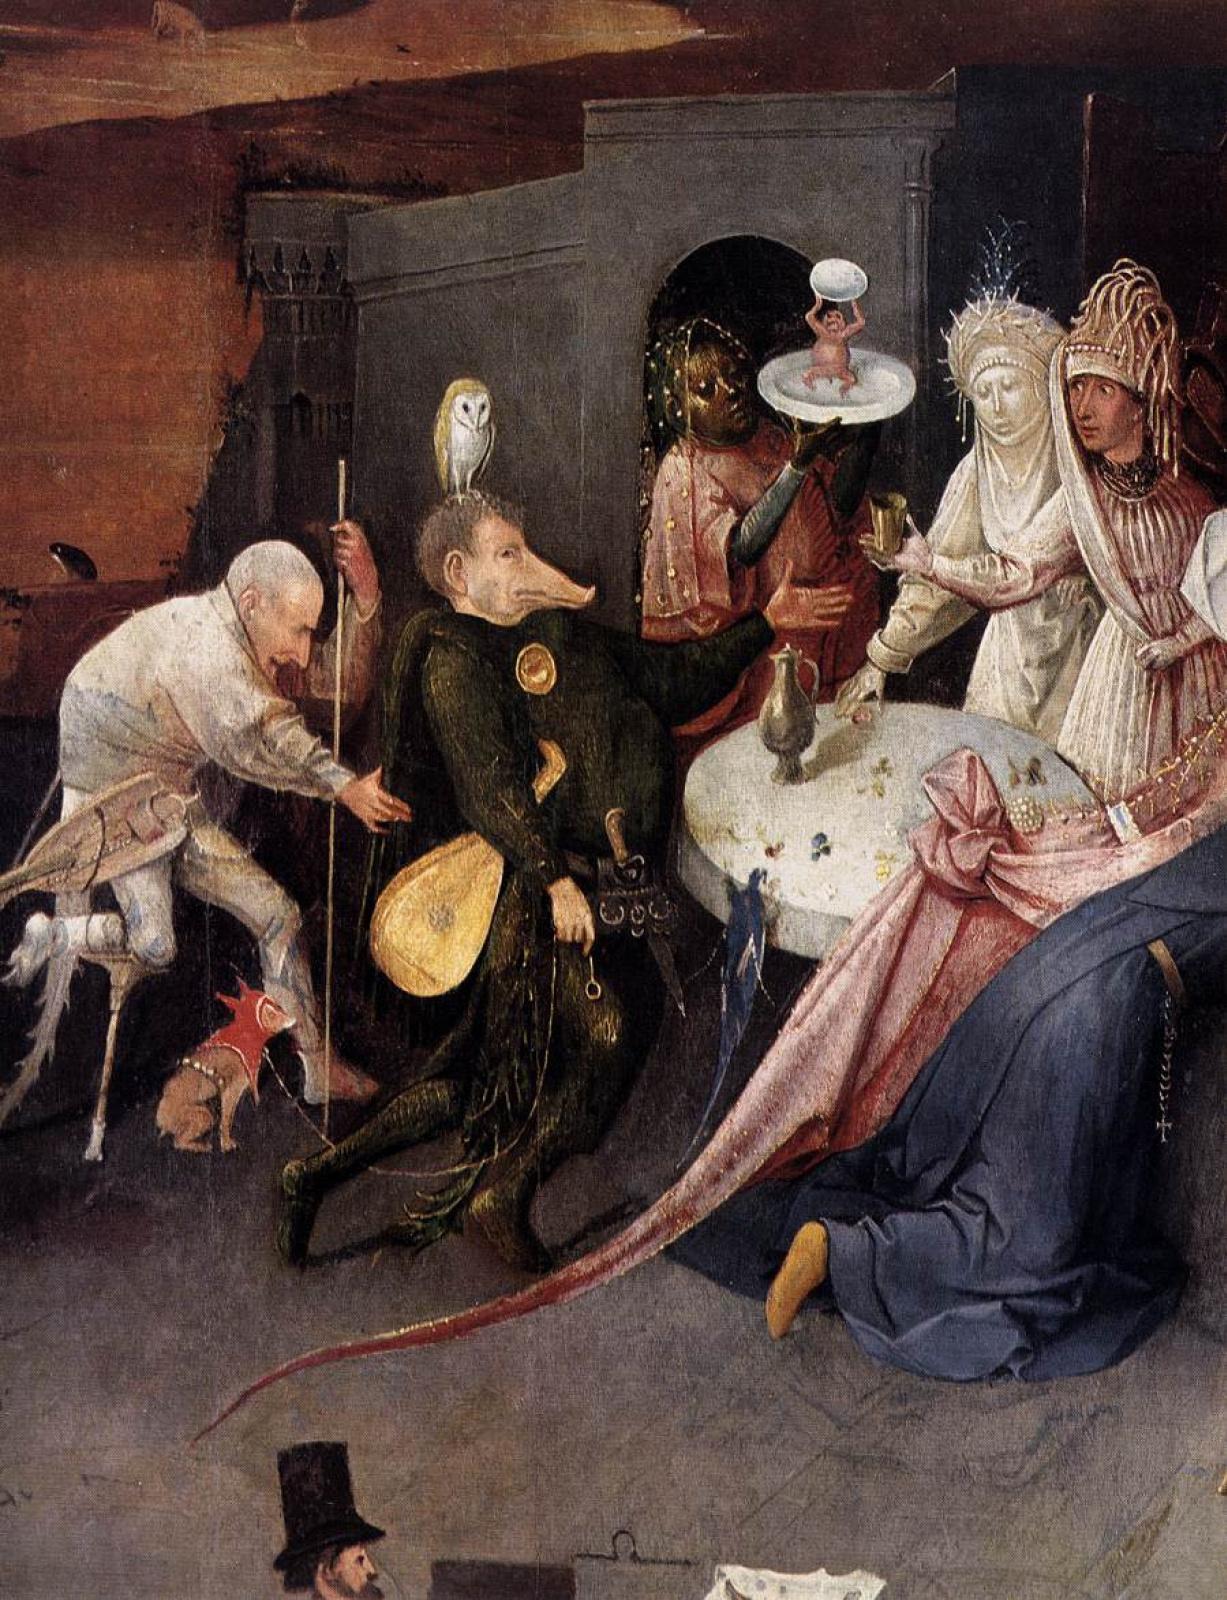 Иероним Босх. Искушение Святого Антония. Центральная часть триптиха. Фрагмент